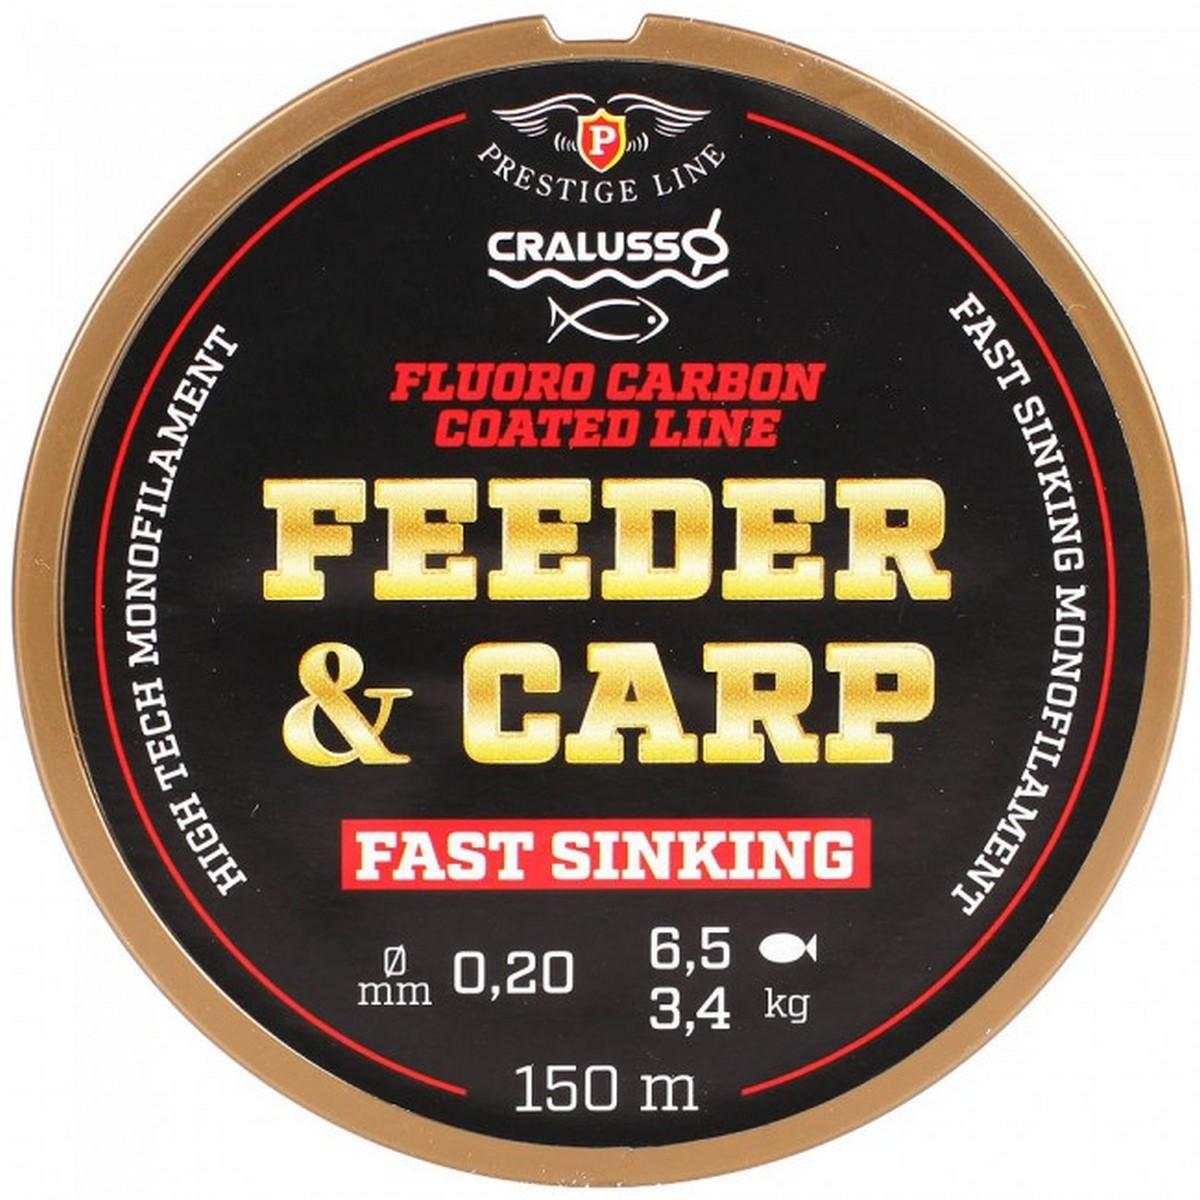 Риболовно влакно Cralusso Feeder & Carp 150m